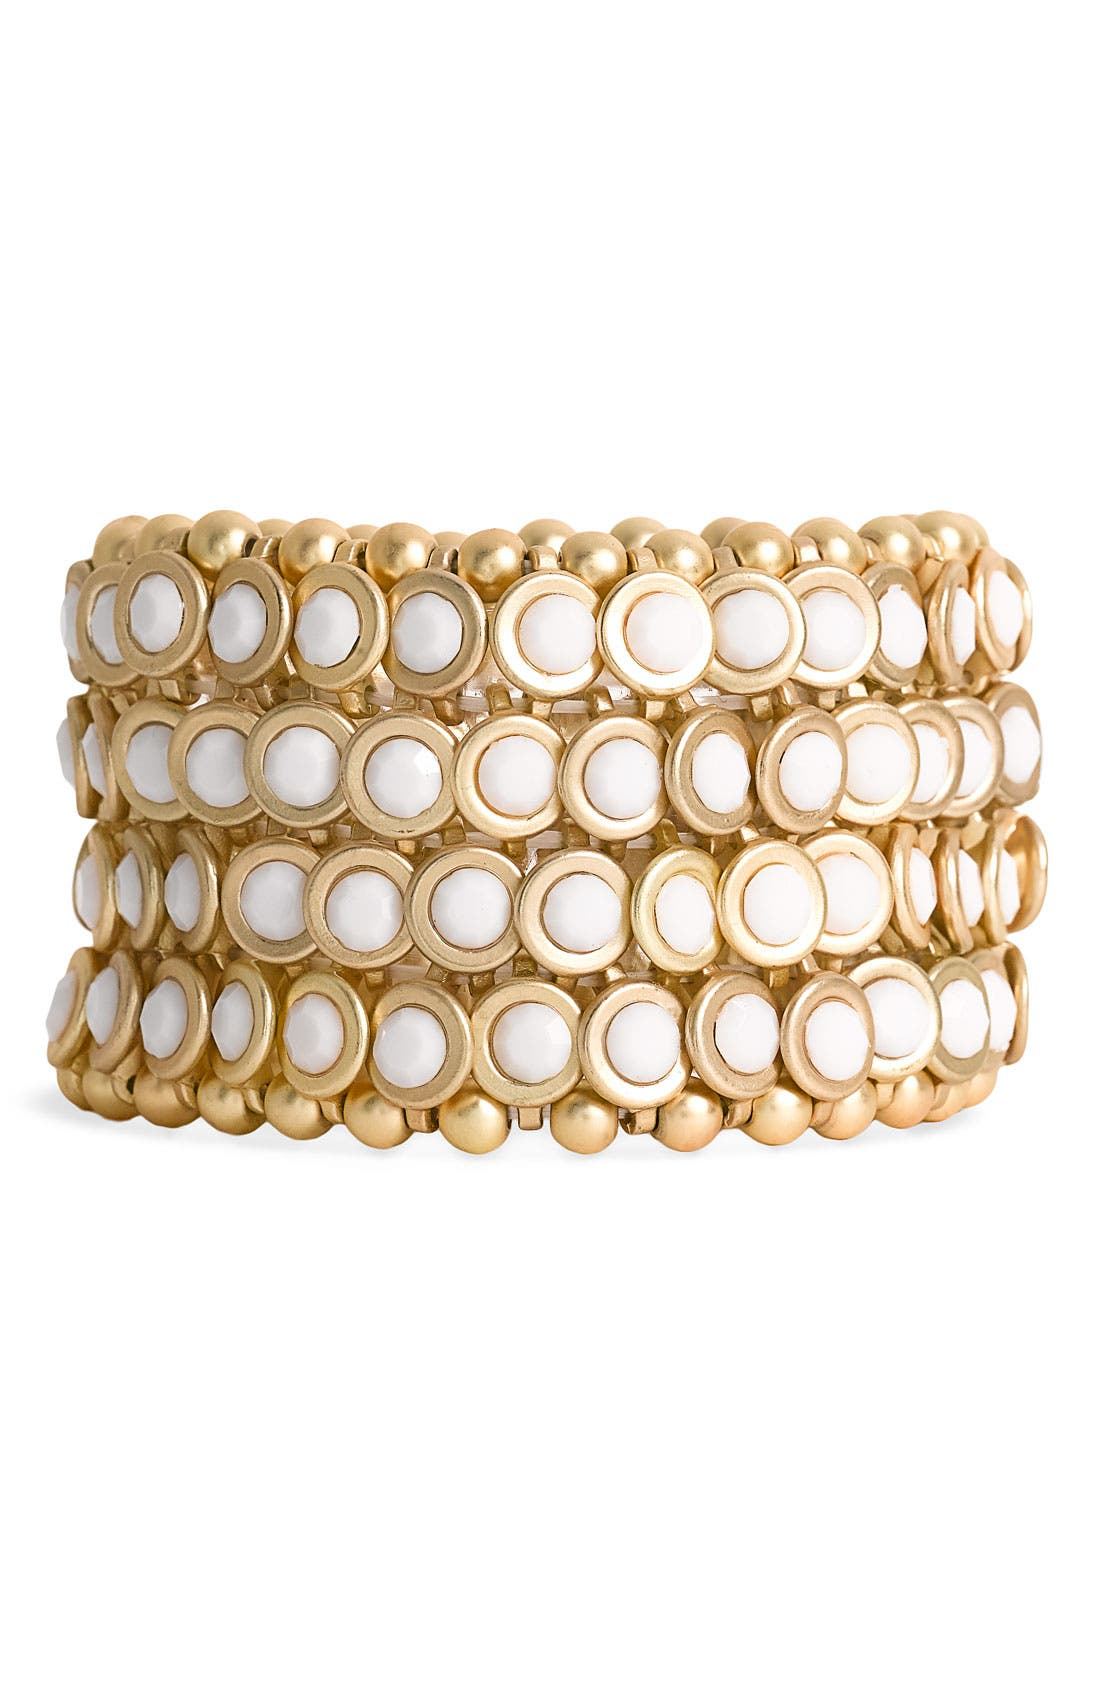 Alternate Image 1 Selected - Tasha Bezel Set Stone Stretch Bracelet